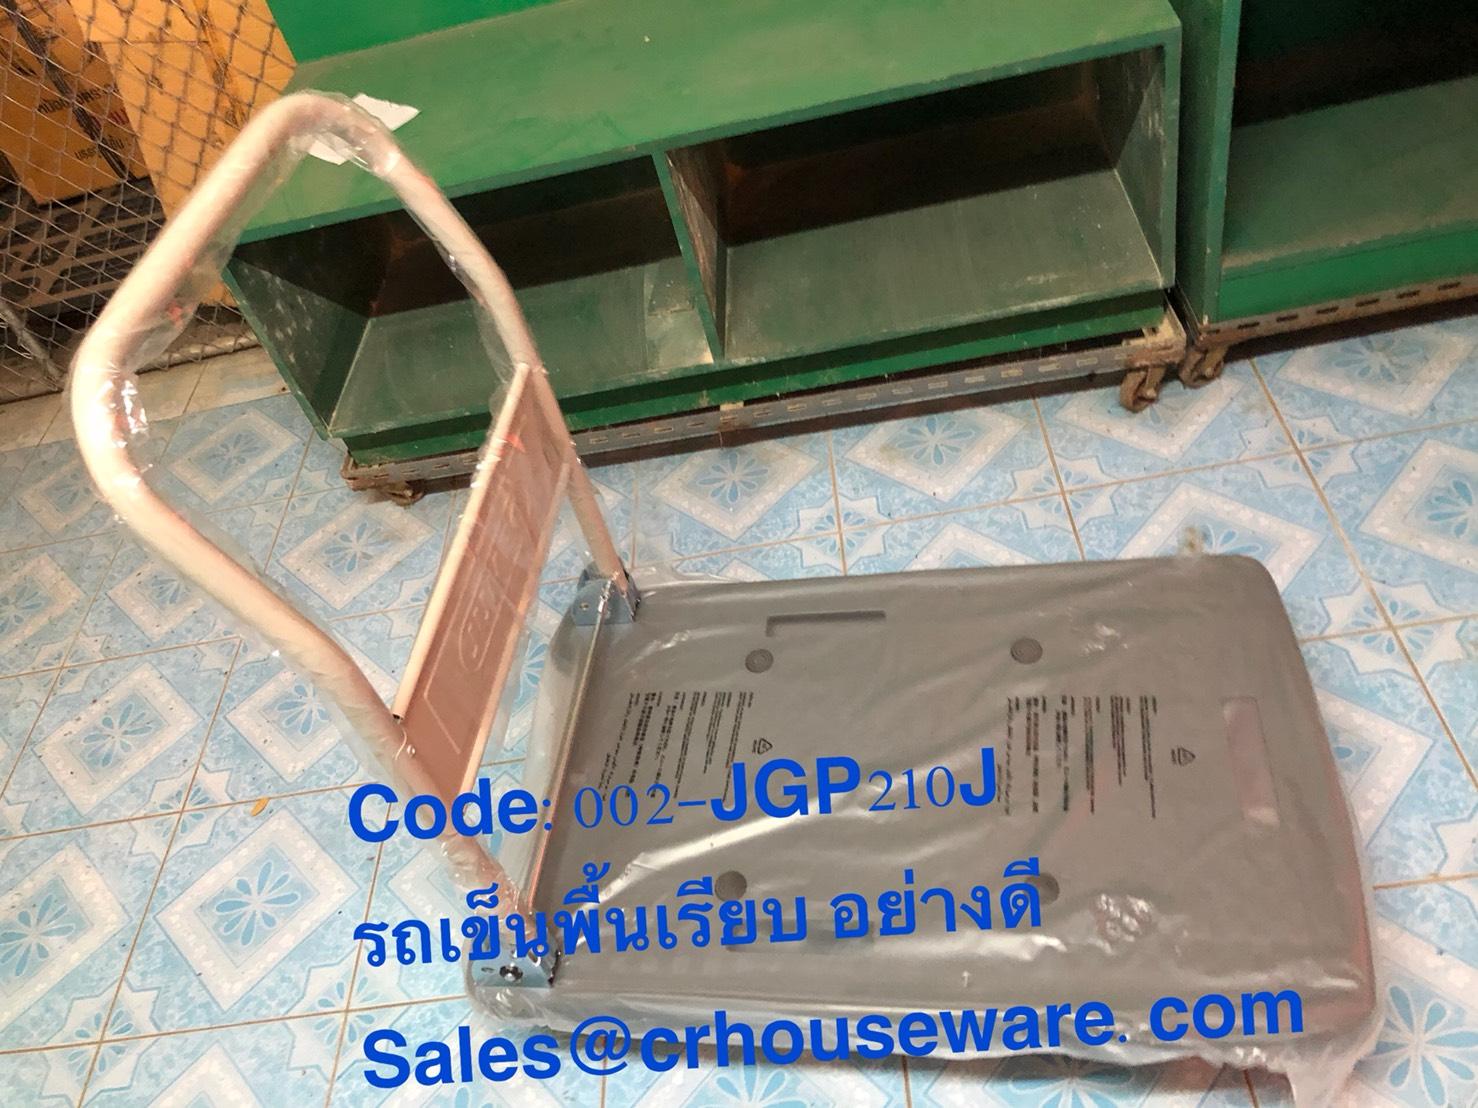 รถเข็นพื้นเรียบแบบหนาอุตสาหกรรม รองรับได้ 250 กิโล 002-CJGP210J